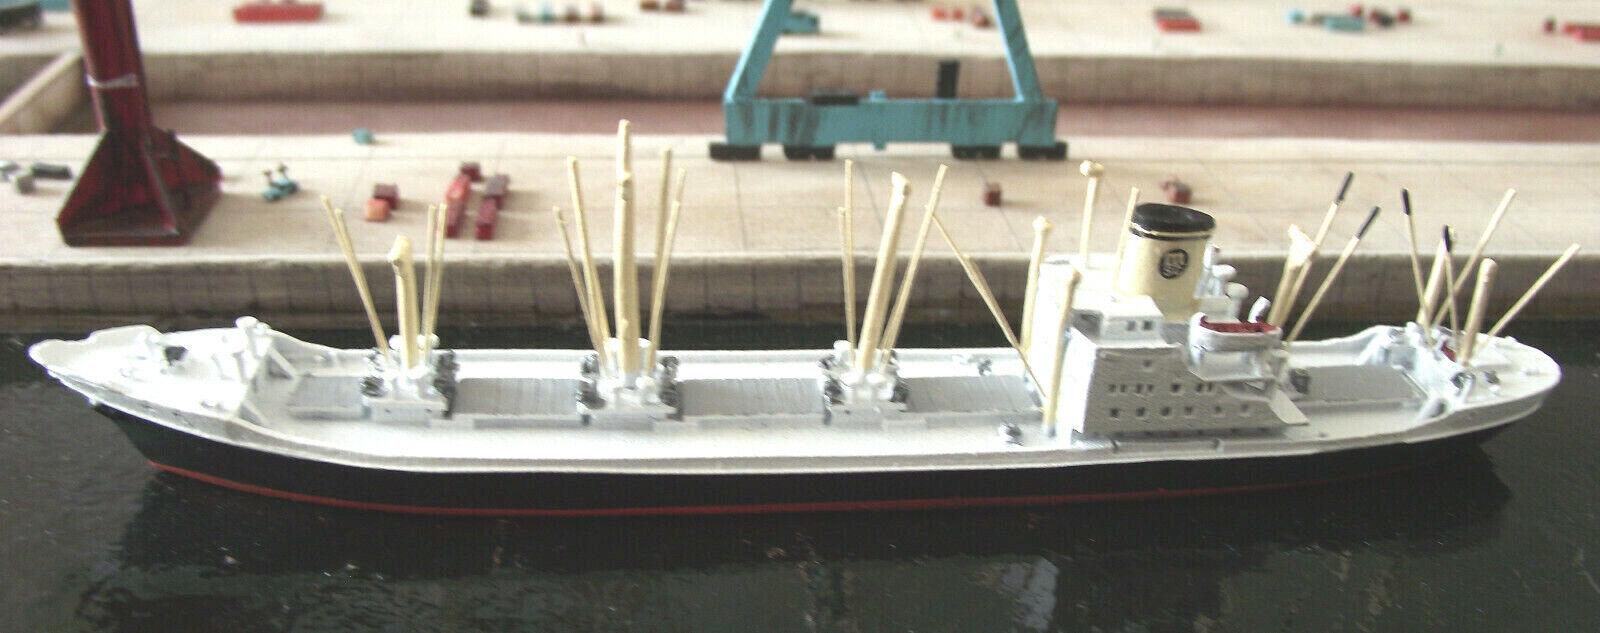 Esperando por ti Cm barco 1 1250 it. Cocheguero  sandra S.    colección Kassel 2019 (3) embalaje original.  a la venta